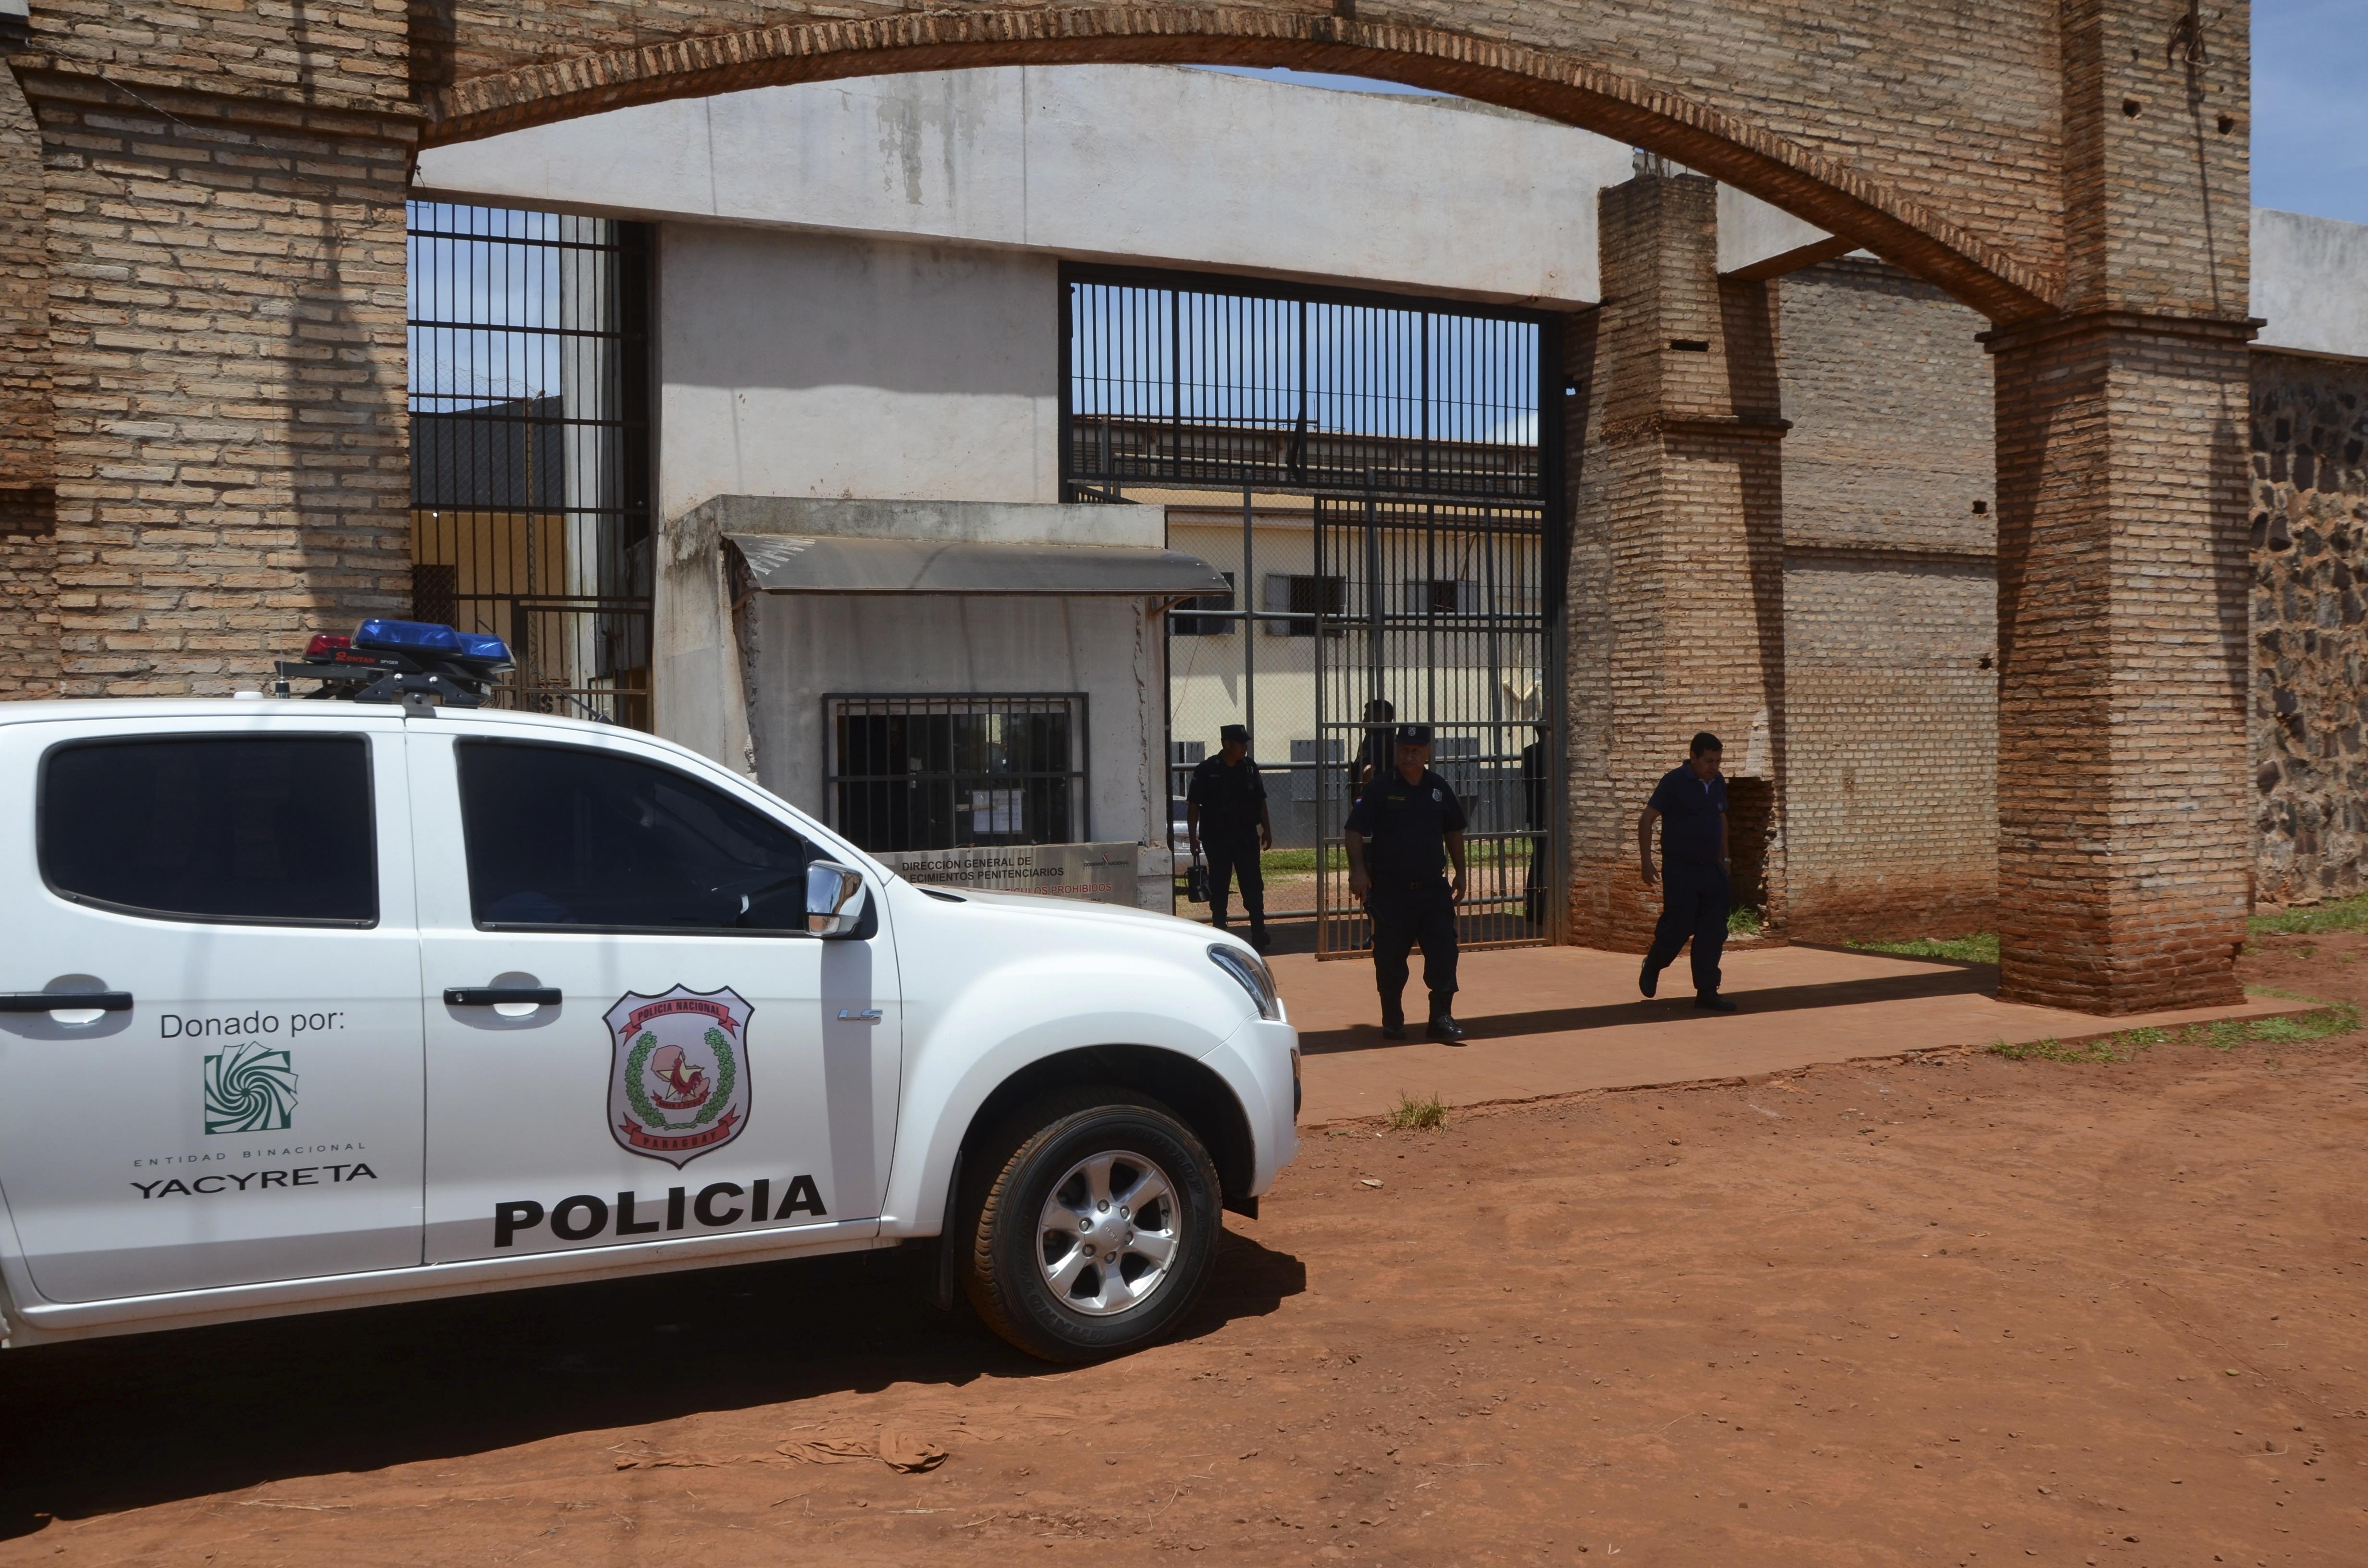 Οι Αρχές της Παραγουάης θεωρούν ότι η απόδραση έγινε εν γνώσει ή σε συνεργασία με μέλη του προσωπικού της φυλακής.